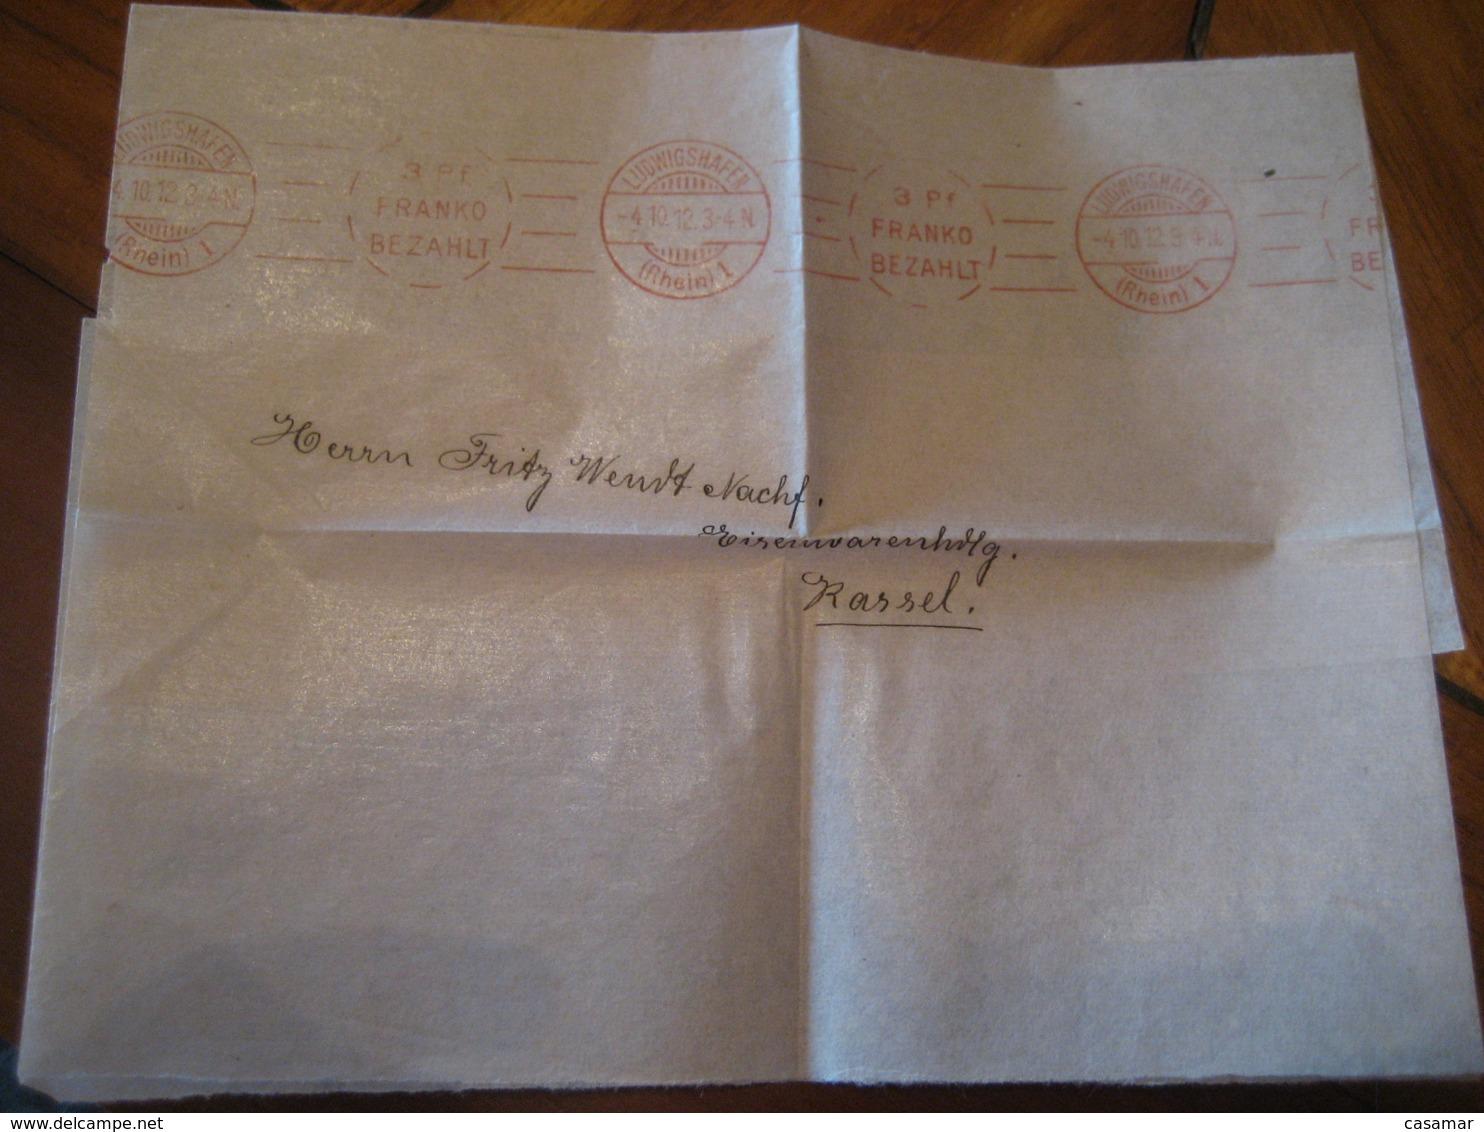 1912 LUDWIGSHAFEN To Kassel 3 Pfennig Meter Mail Cancel Franko Bezahlt Document Frontal Cover GERMANY Empire - Deutschland